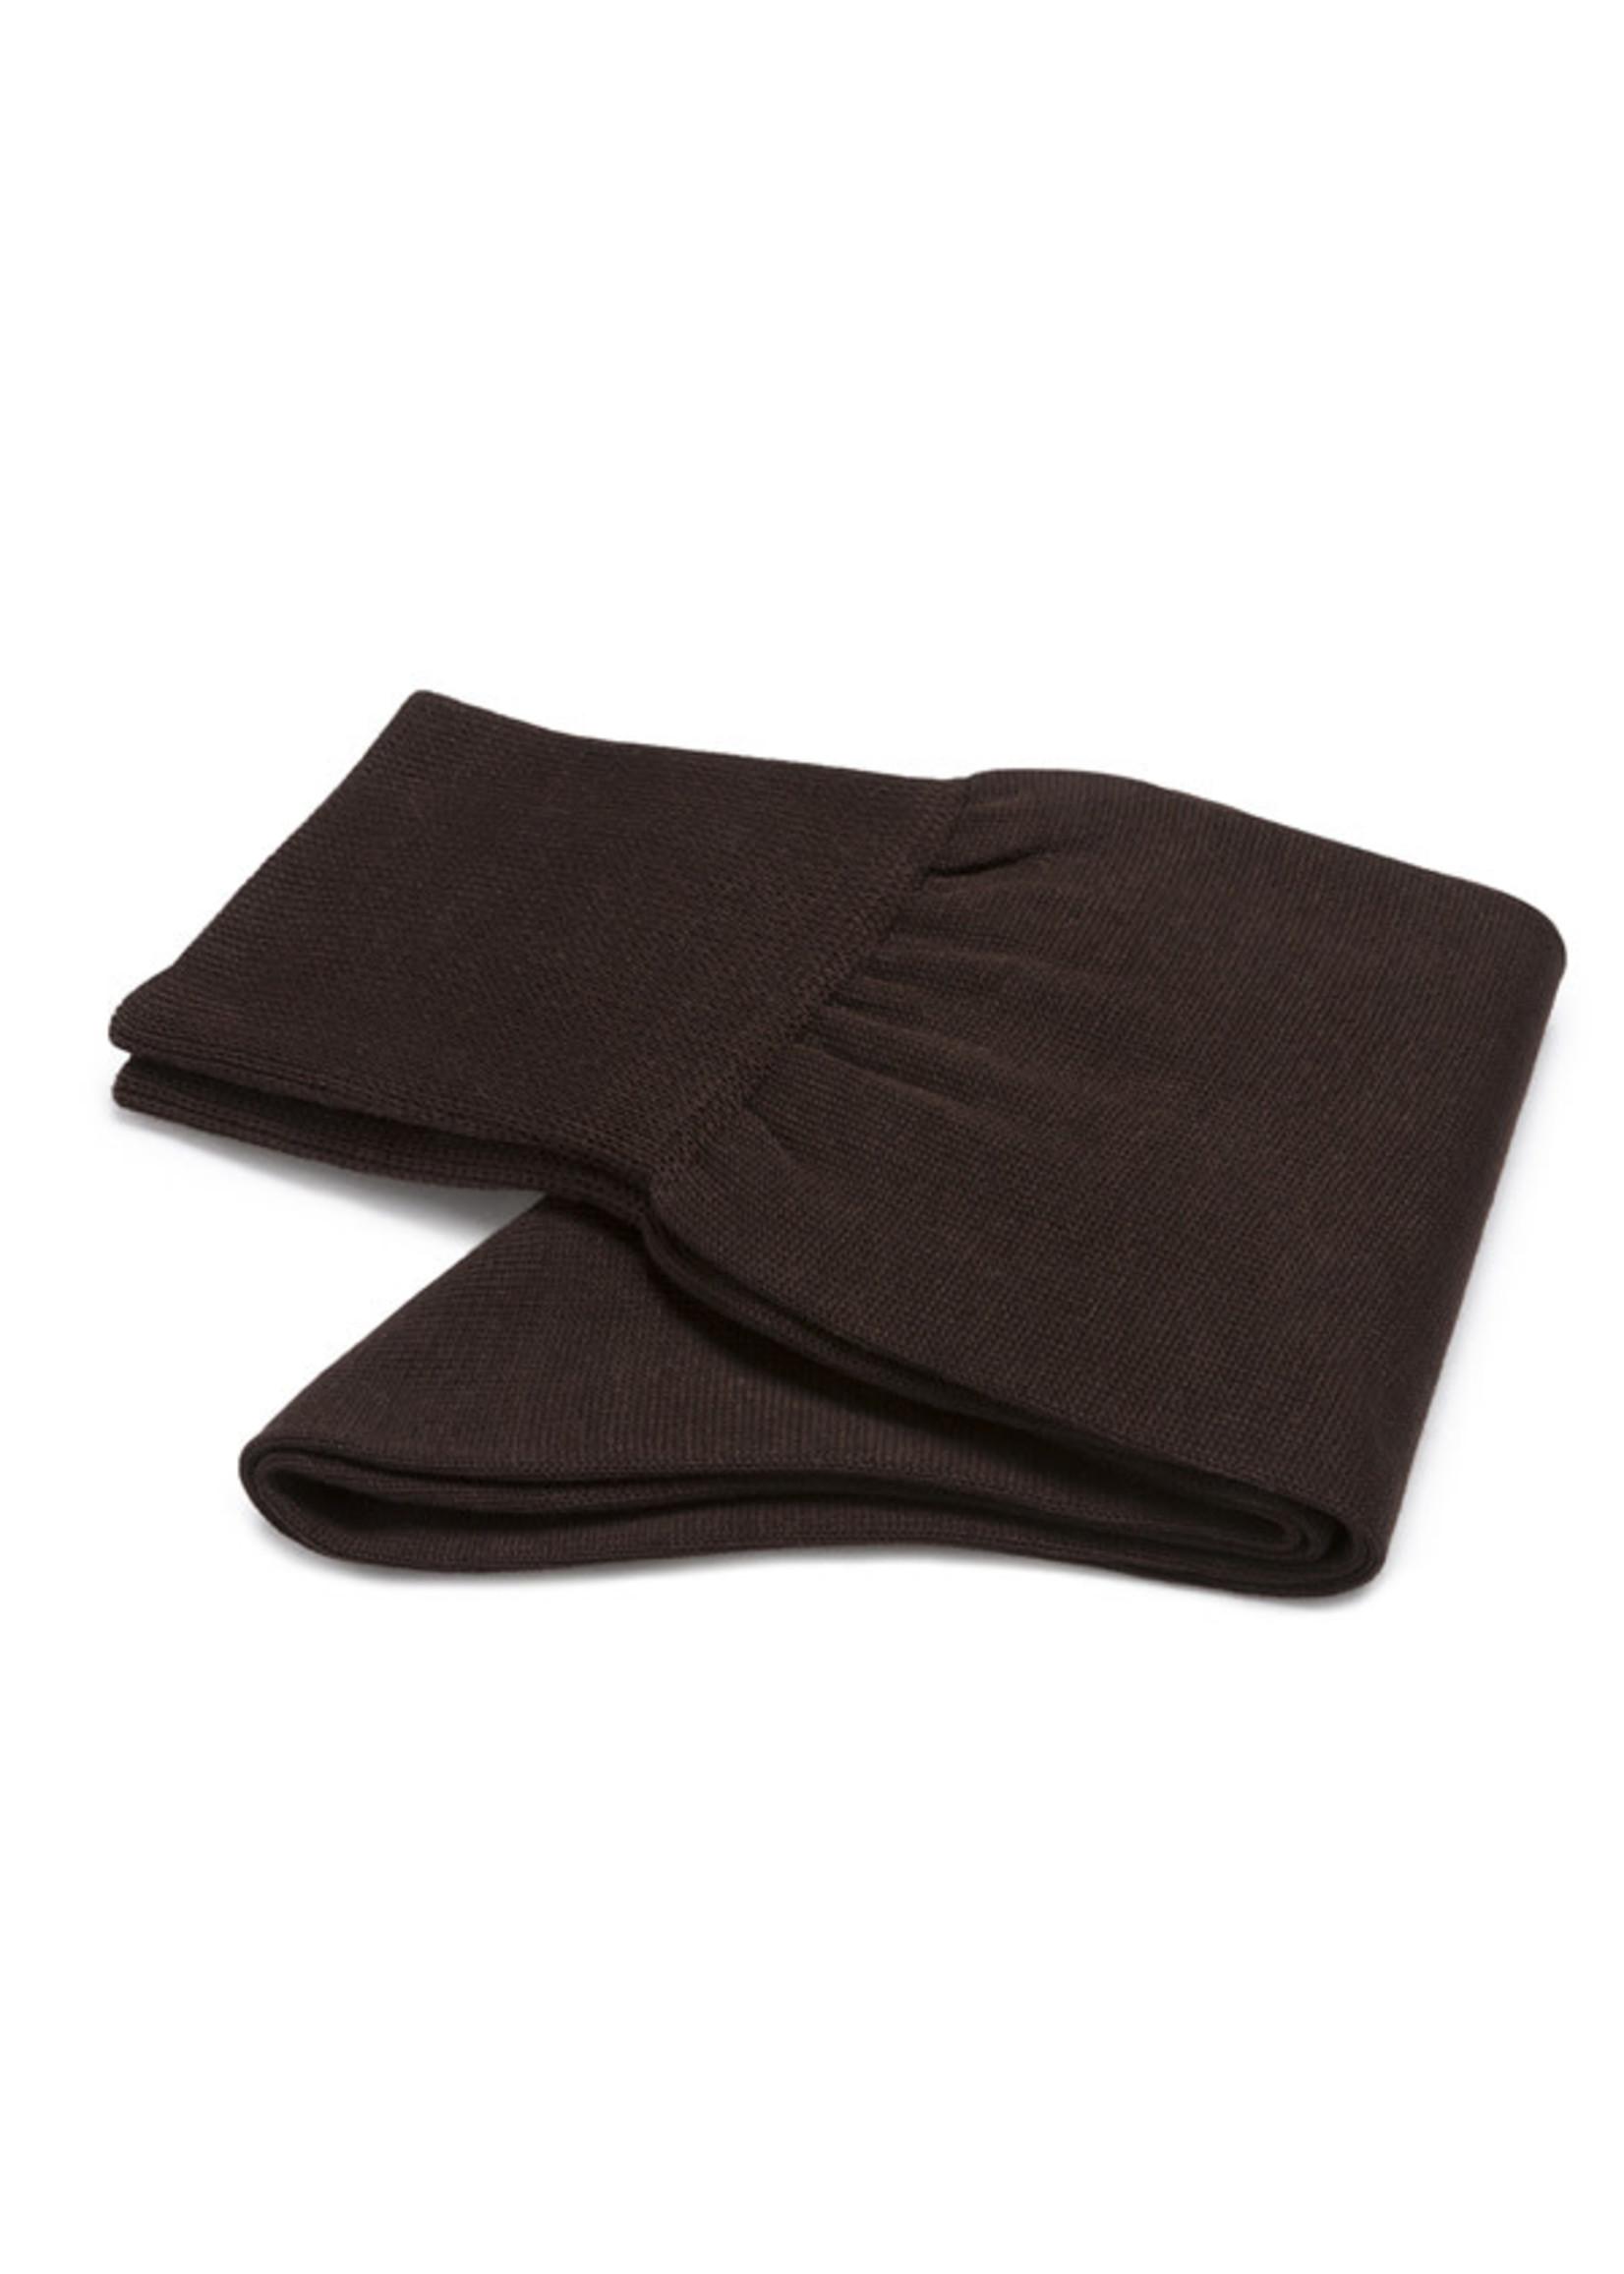 Carlo Lanza bruine katoenen sokken